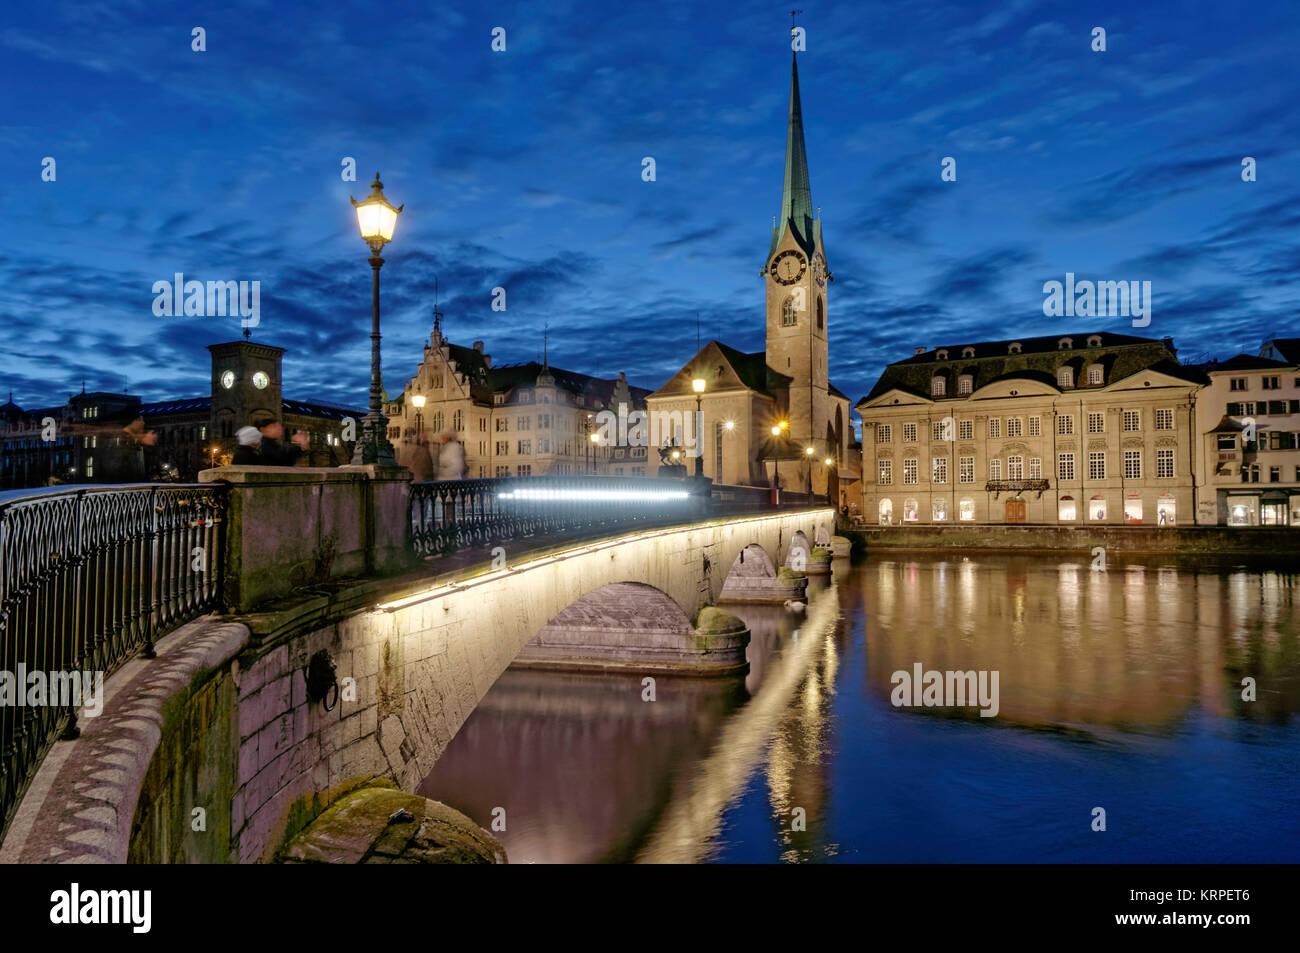 Munster Bridge, Fraumunster,  River Limmat, Zurich, Switzerland - Stock Image